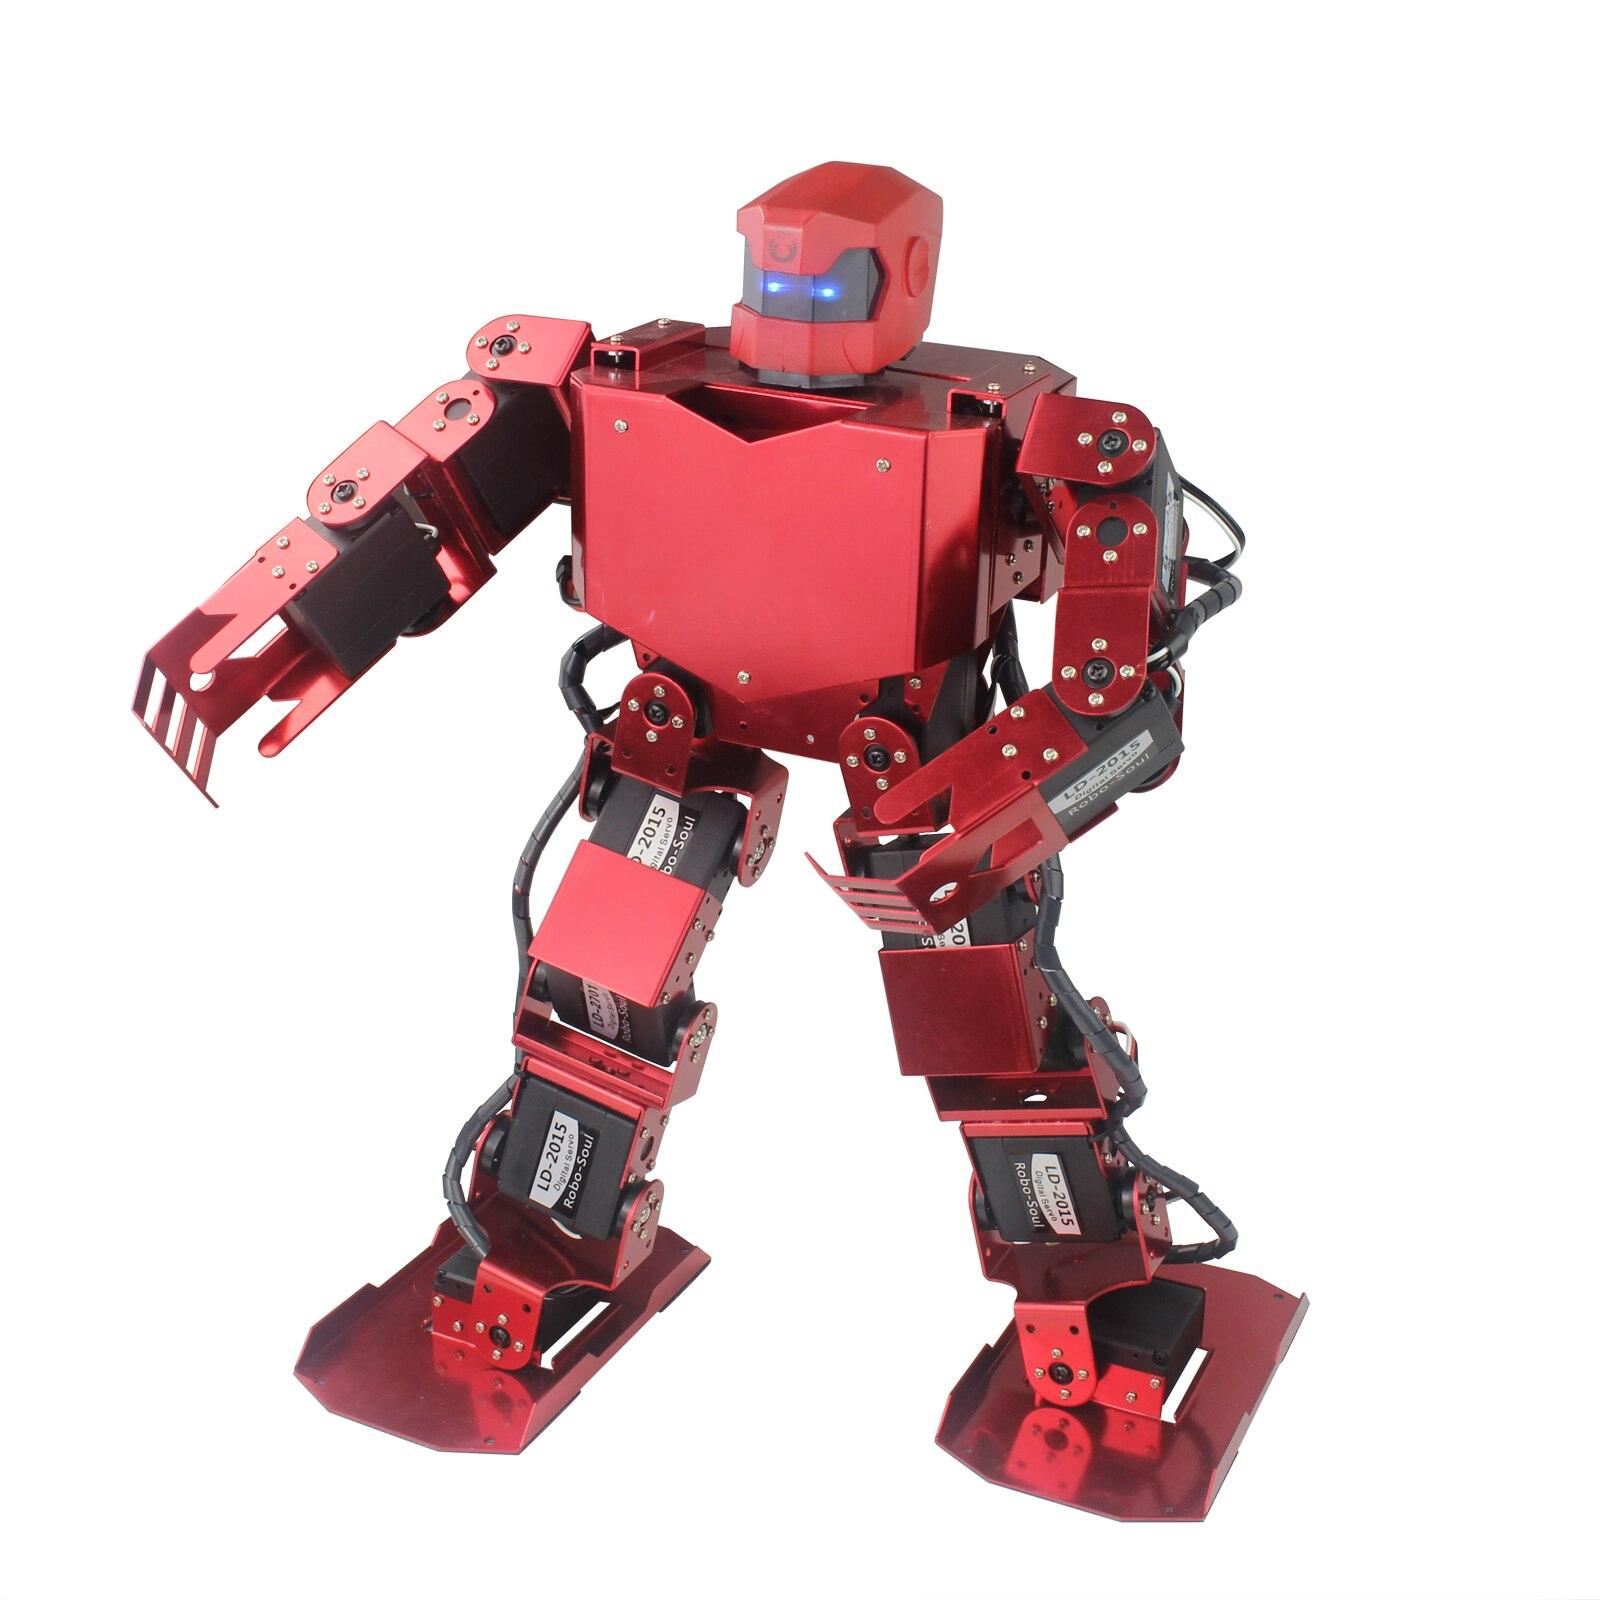 16DOF Robo-Anima H3s Biped Robotica Due Gambe Robot Telaio In Alluminio Kit con Servi Umani e Casco Smontato olly bianco o rosso